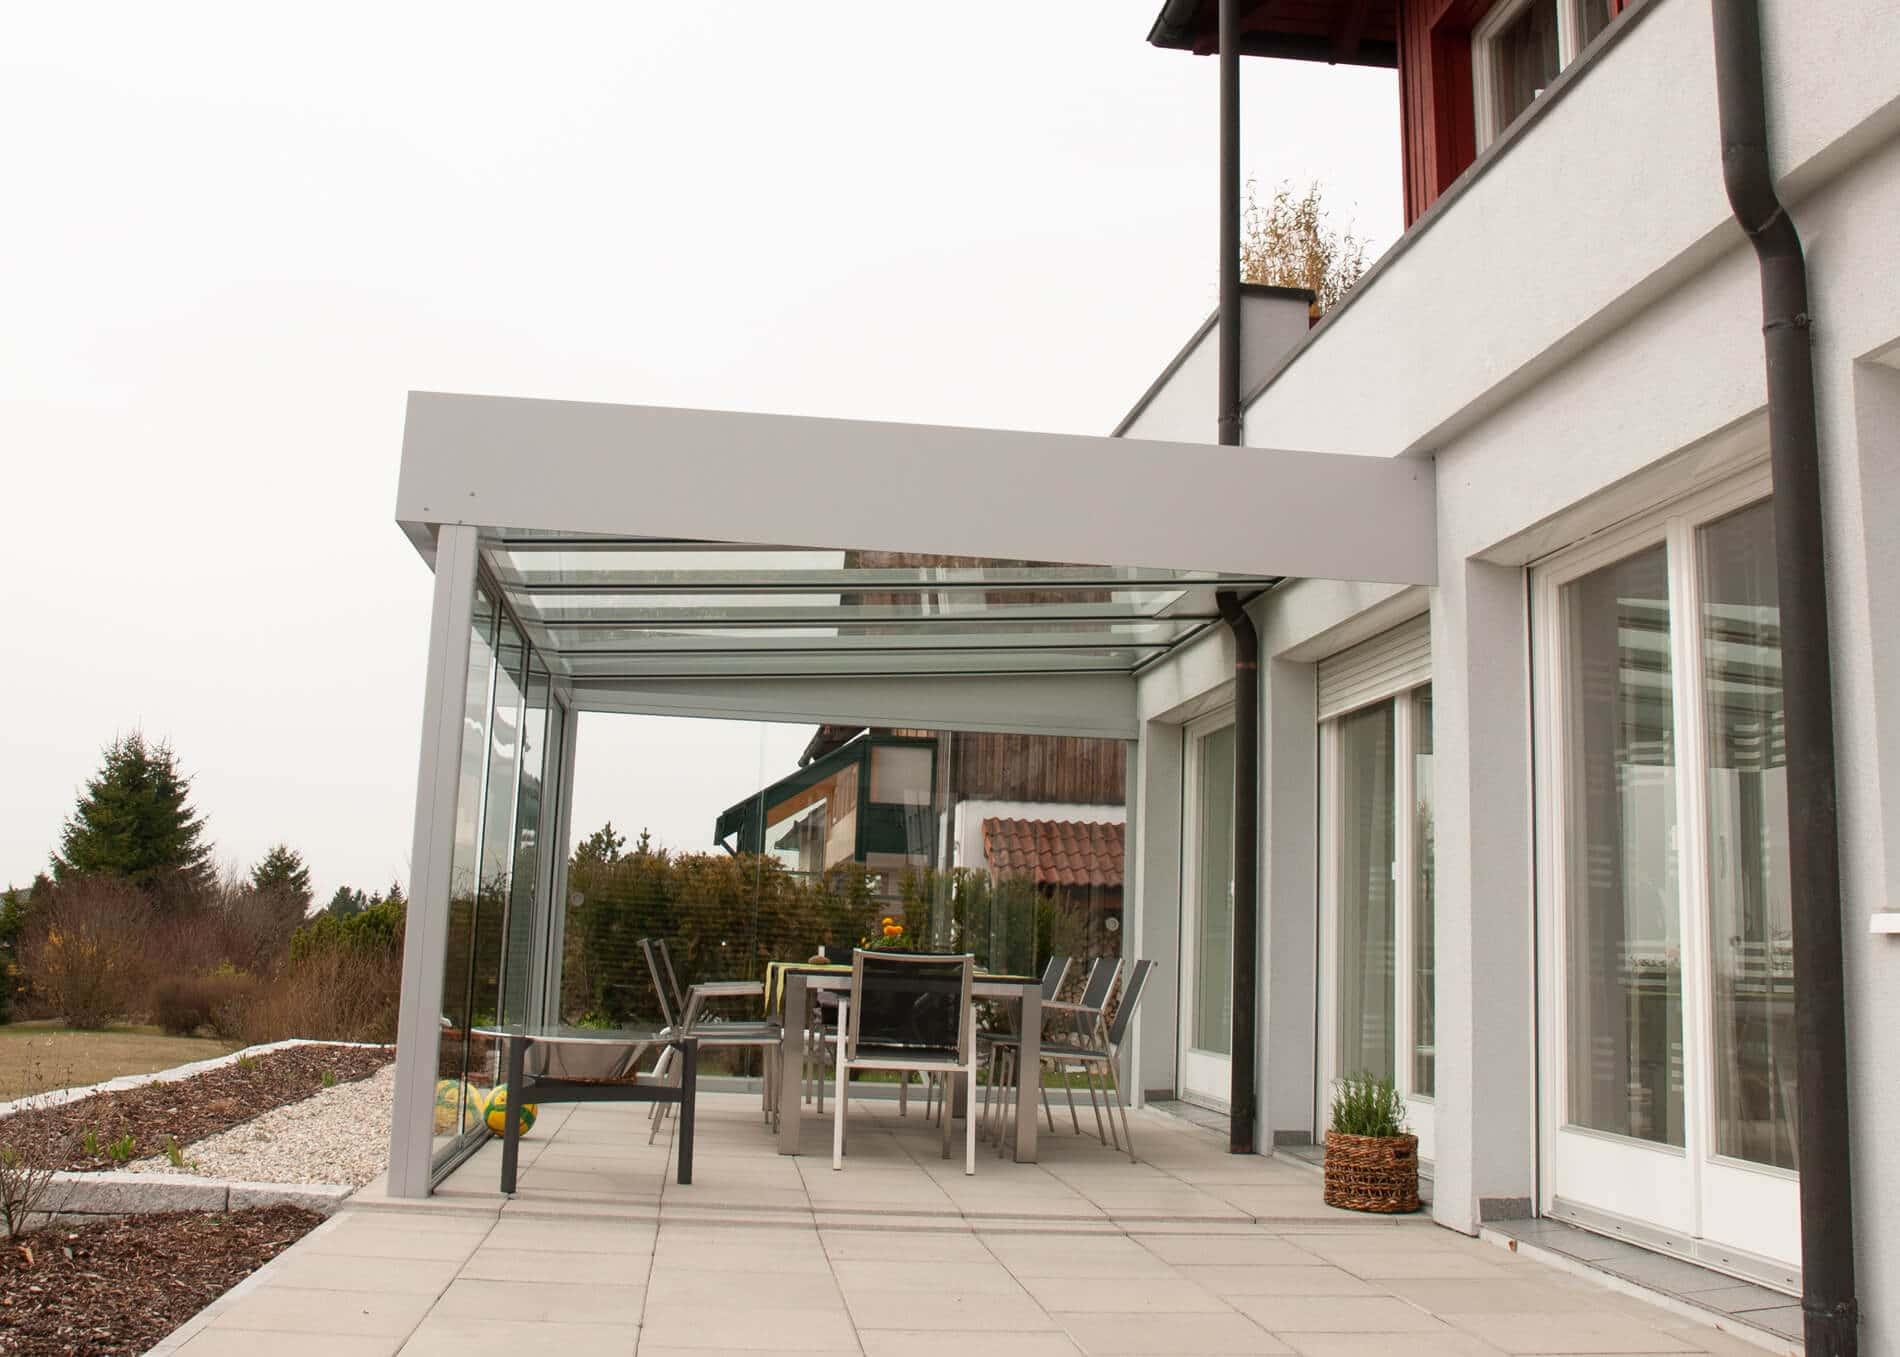 Terrassenüberdachung mit Glas schließen